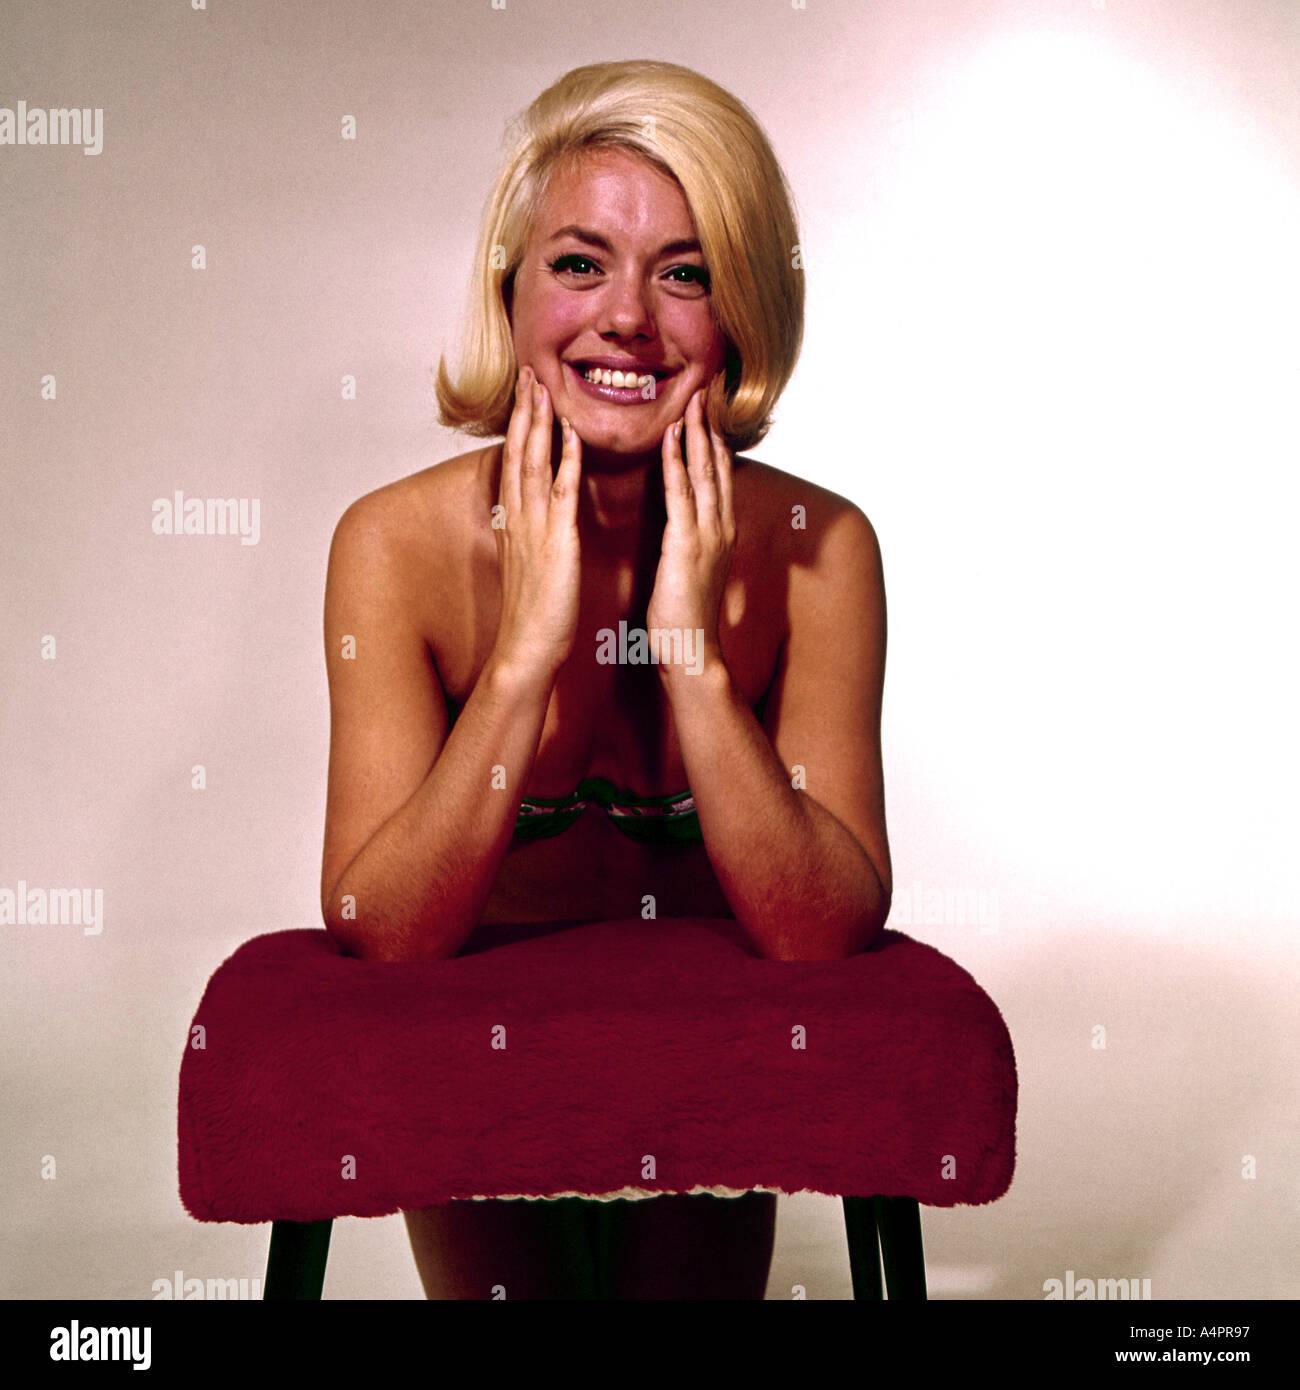 Female Model 1960s - Stock Image